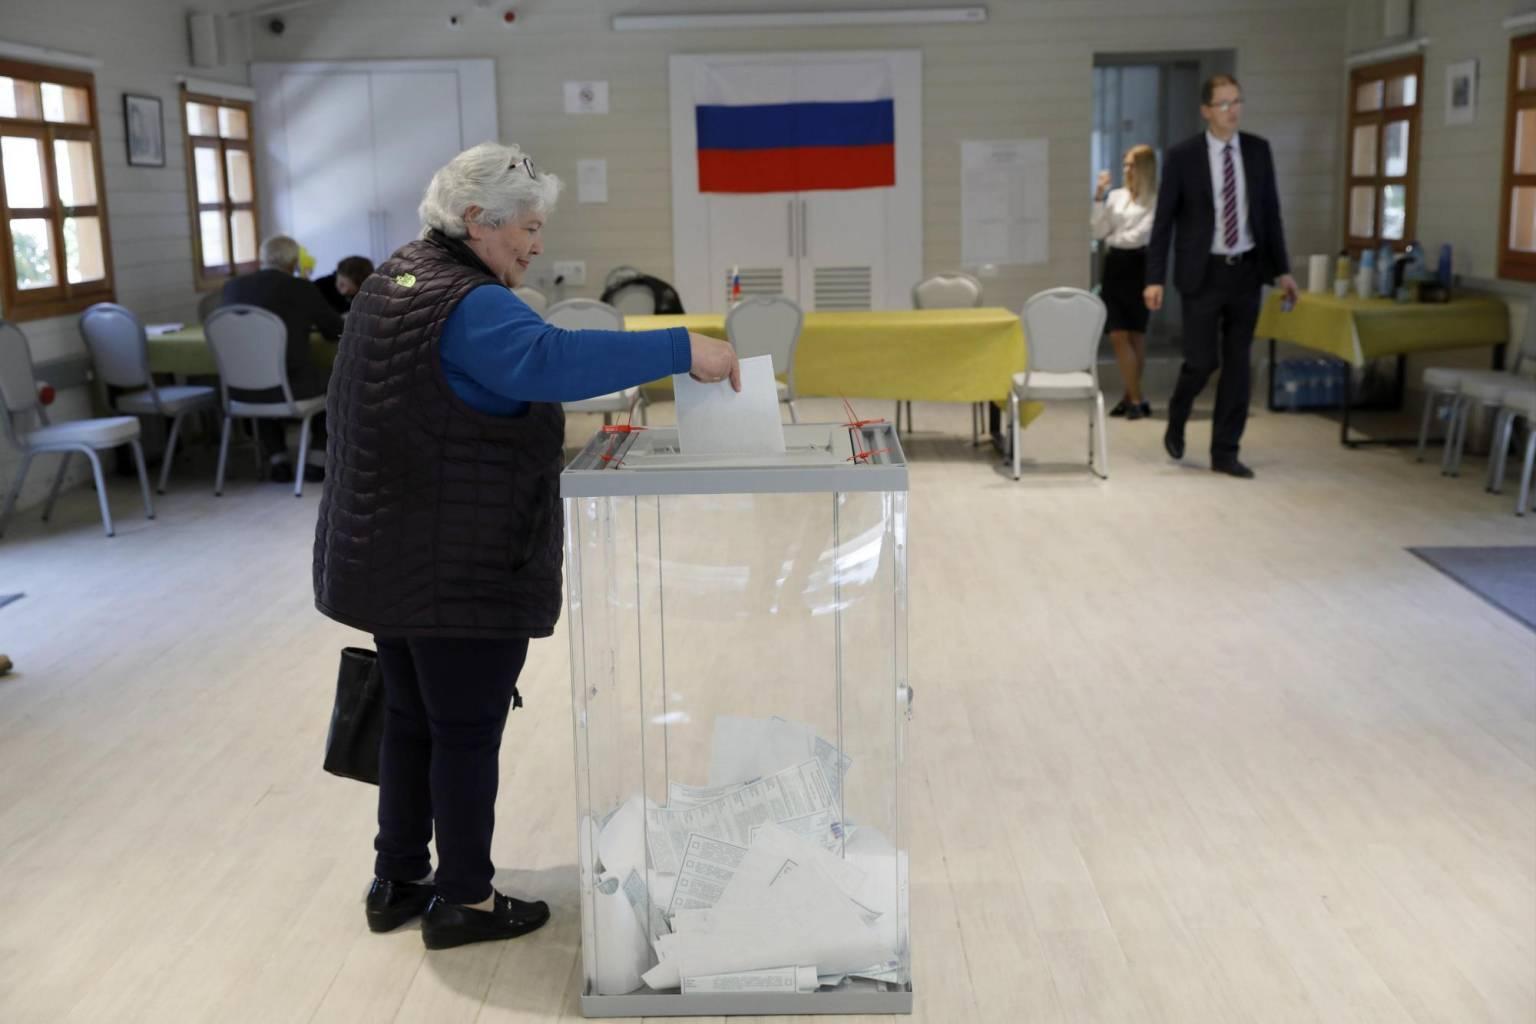 Denuncian irregularidades en elecciones parlamentarias rusas